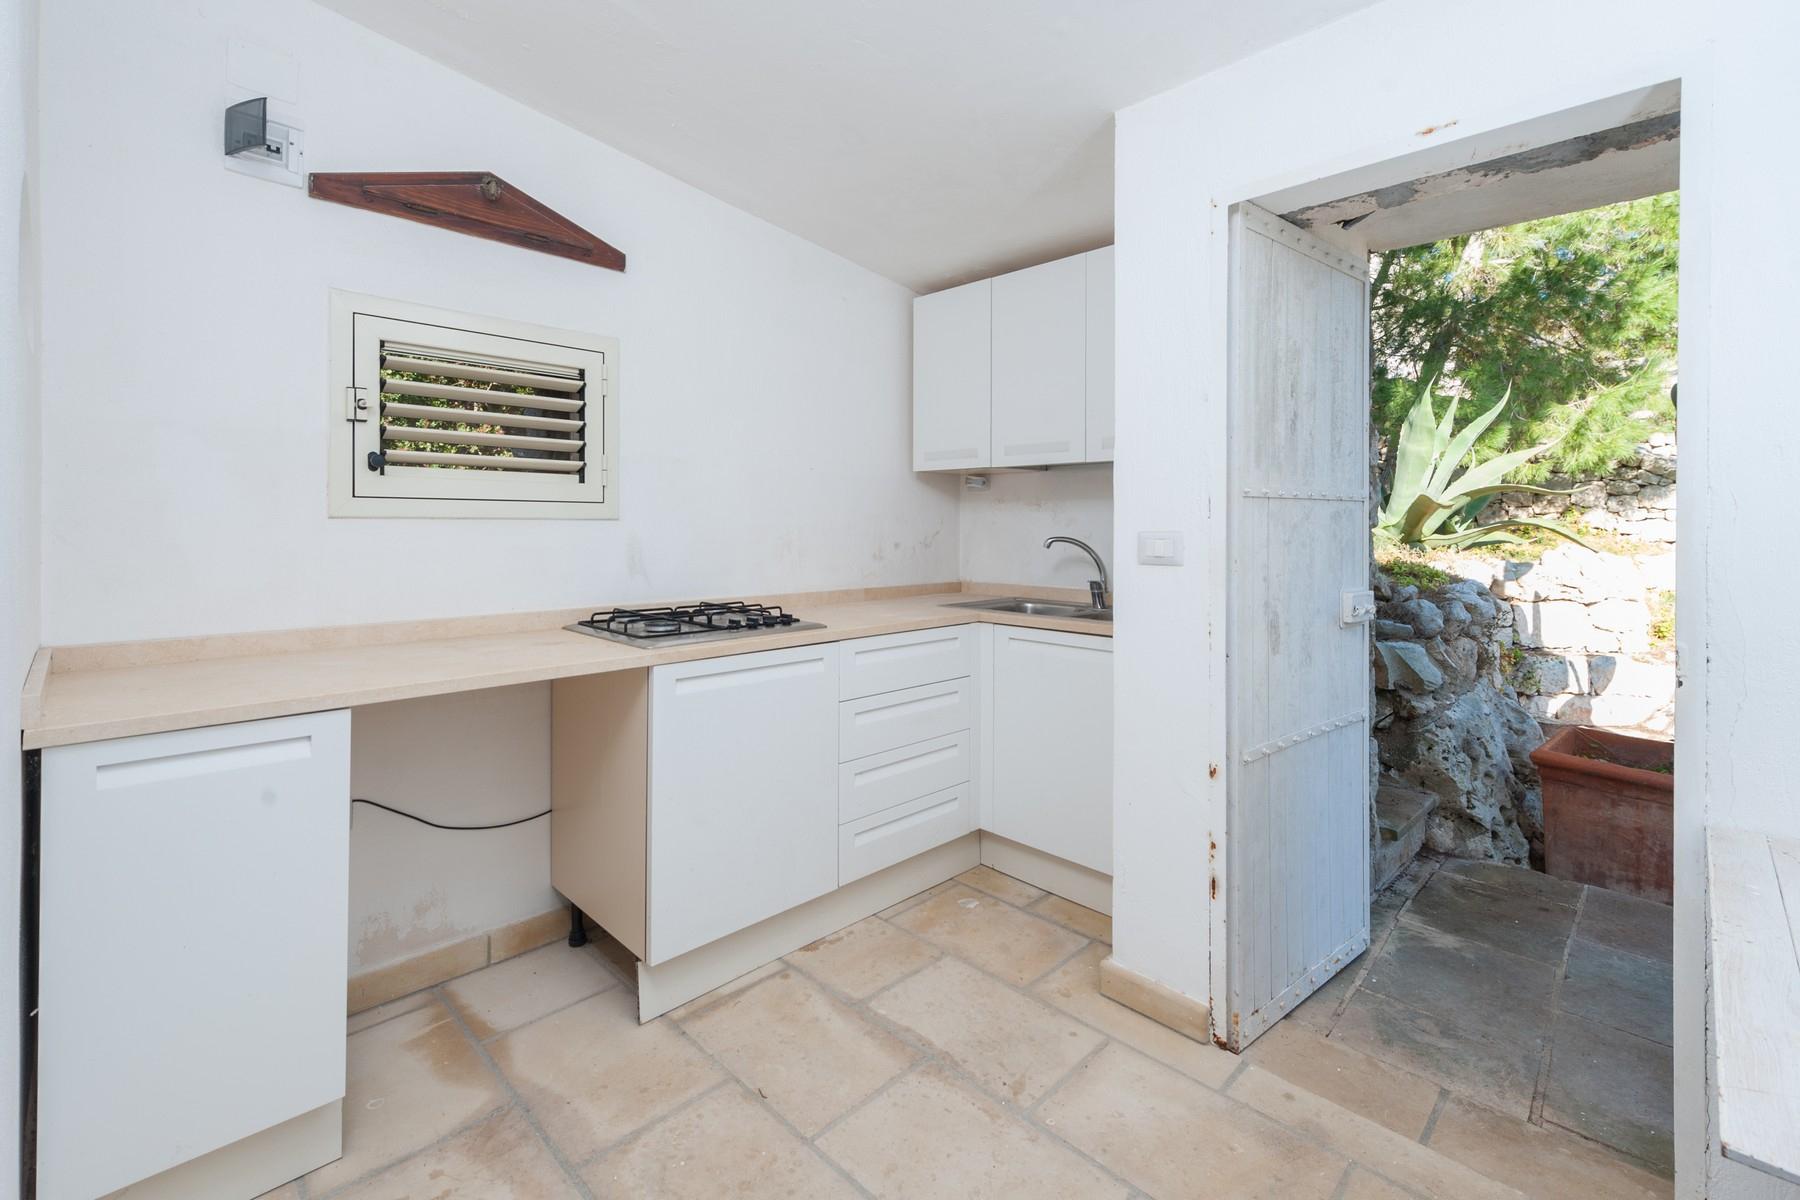 Casa indipendente in Vendita a Gagliano Del Capo: 5 locali, 290 mq - Foto 9